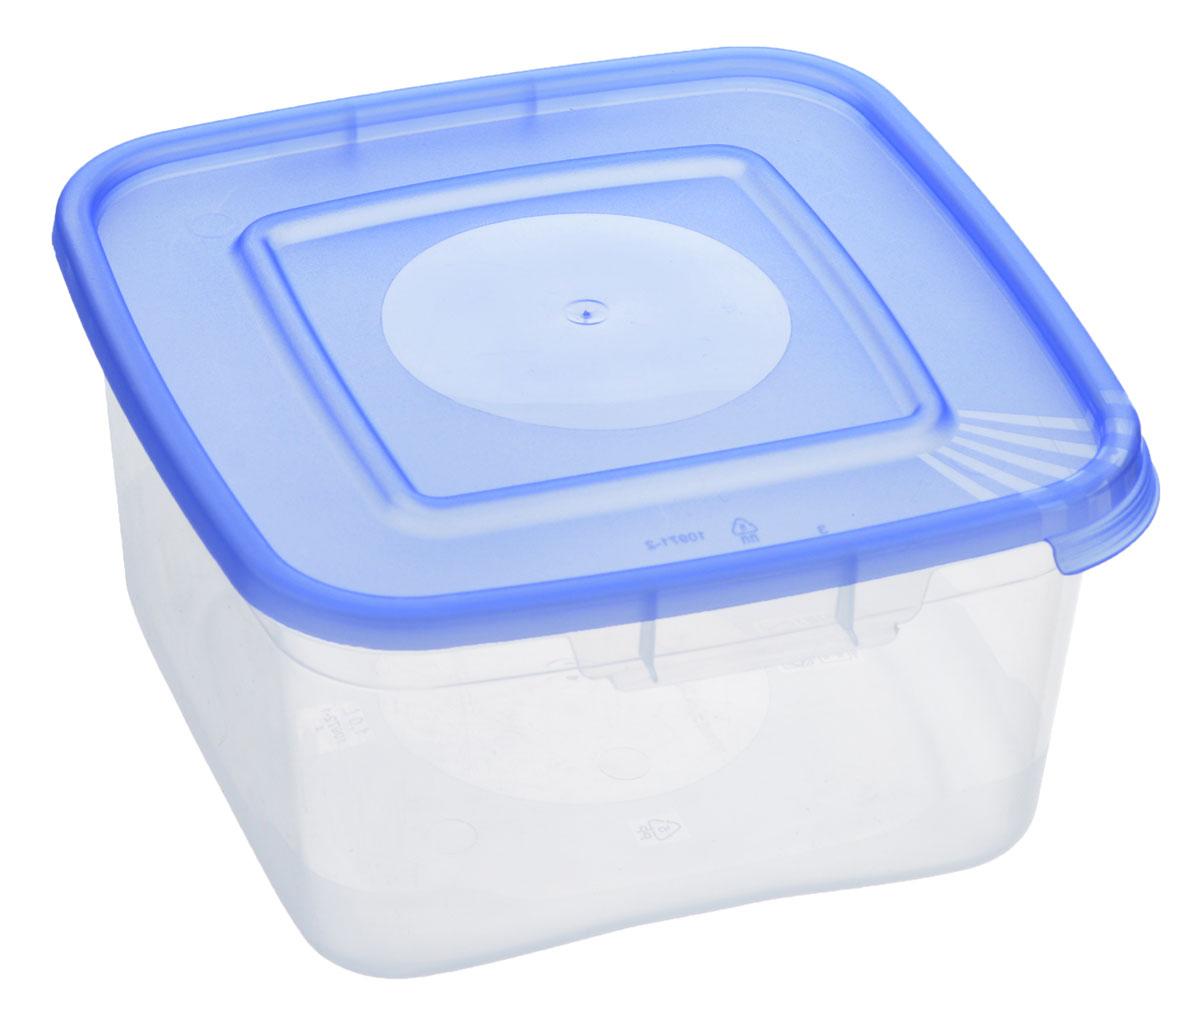 Контейнер Полимербыт Каскад, цвет: прозрачный, голубой, 1 лС670_голубойКонтейнер Полимербыт Каскад квадратной формы, изготовленный из прочного пластика, предназначен специально для хранения пищевых продуктов. Крышка легко открывается и плотно закрывается. Контейнер устойчив к воздействию масел и жиров, легко моется. Прозрачные стенки позволяют видеть содержимое. Контейнер имеет возможность хранения продуктов глубокой заморозки, обладает высокой прочностью. Можно мыть в посудомоечной машине. Подходит для использования в микроволновых печах.